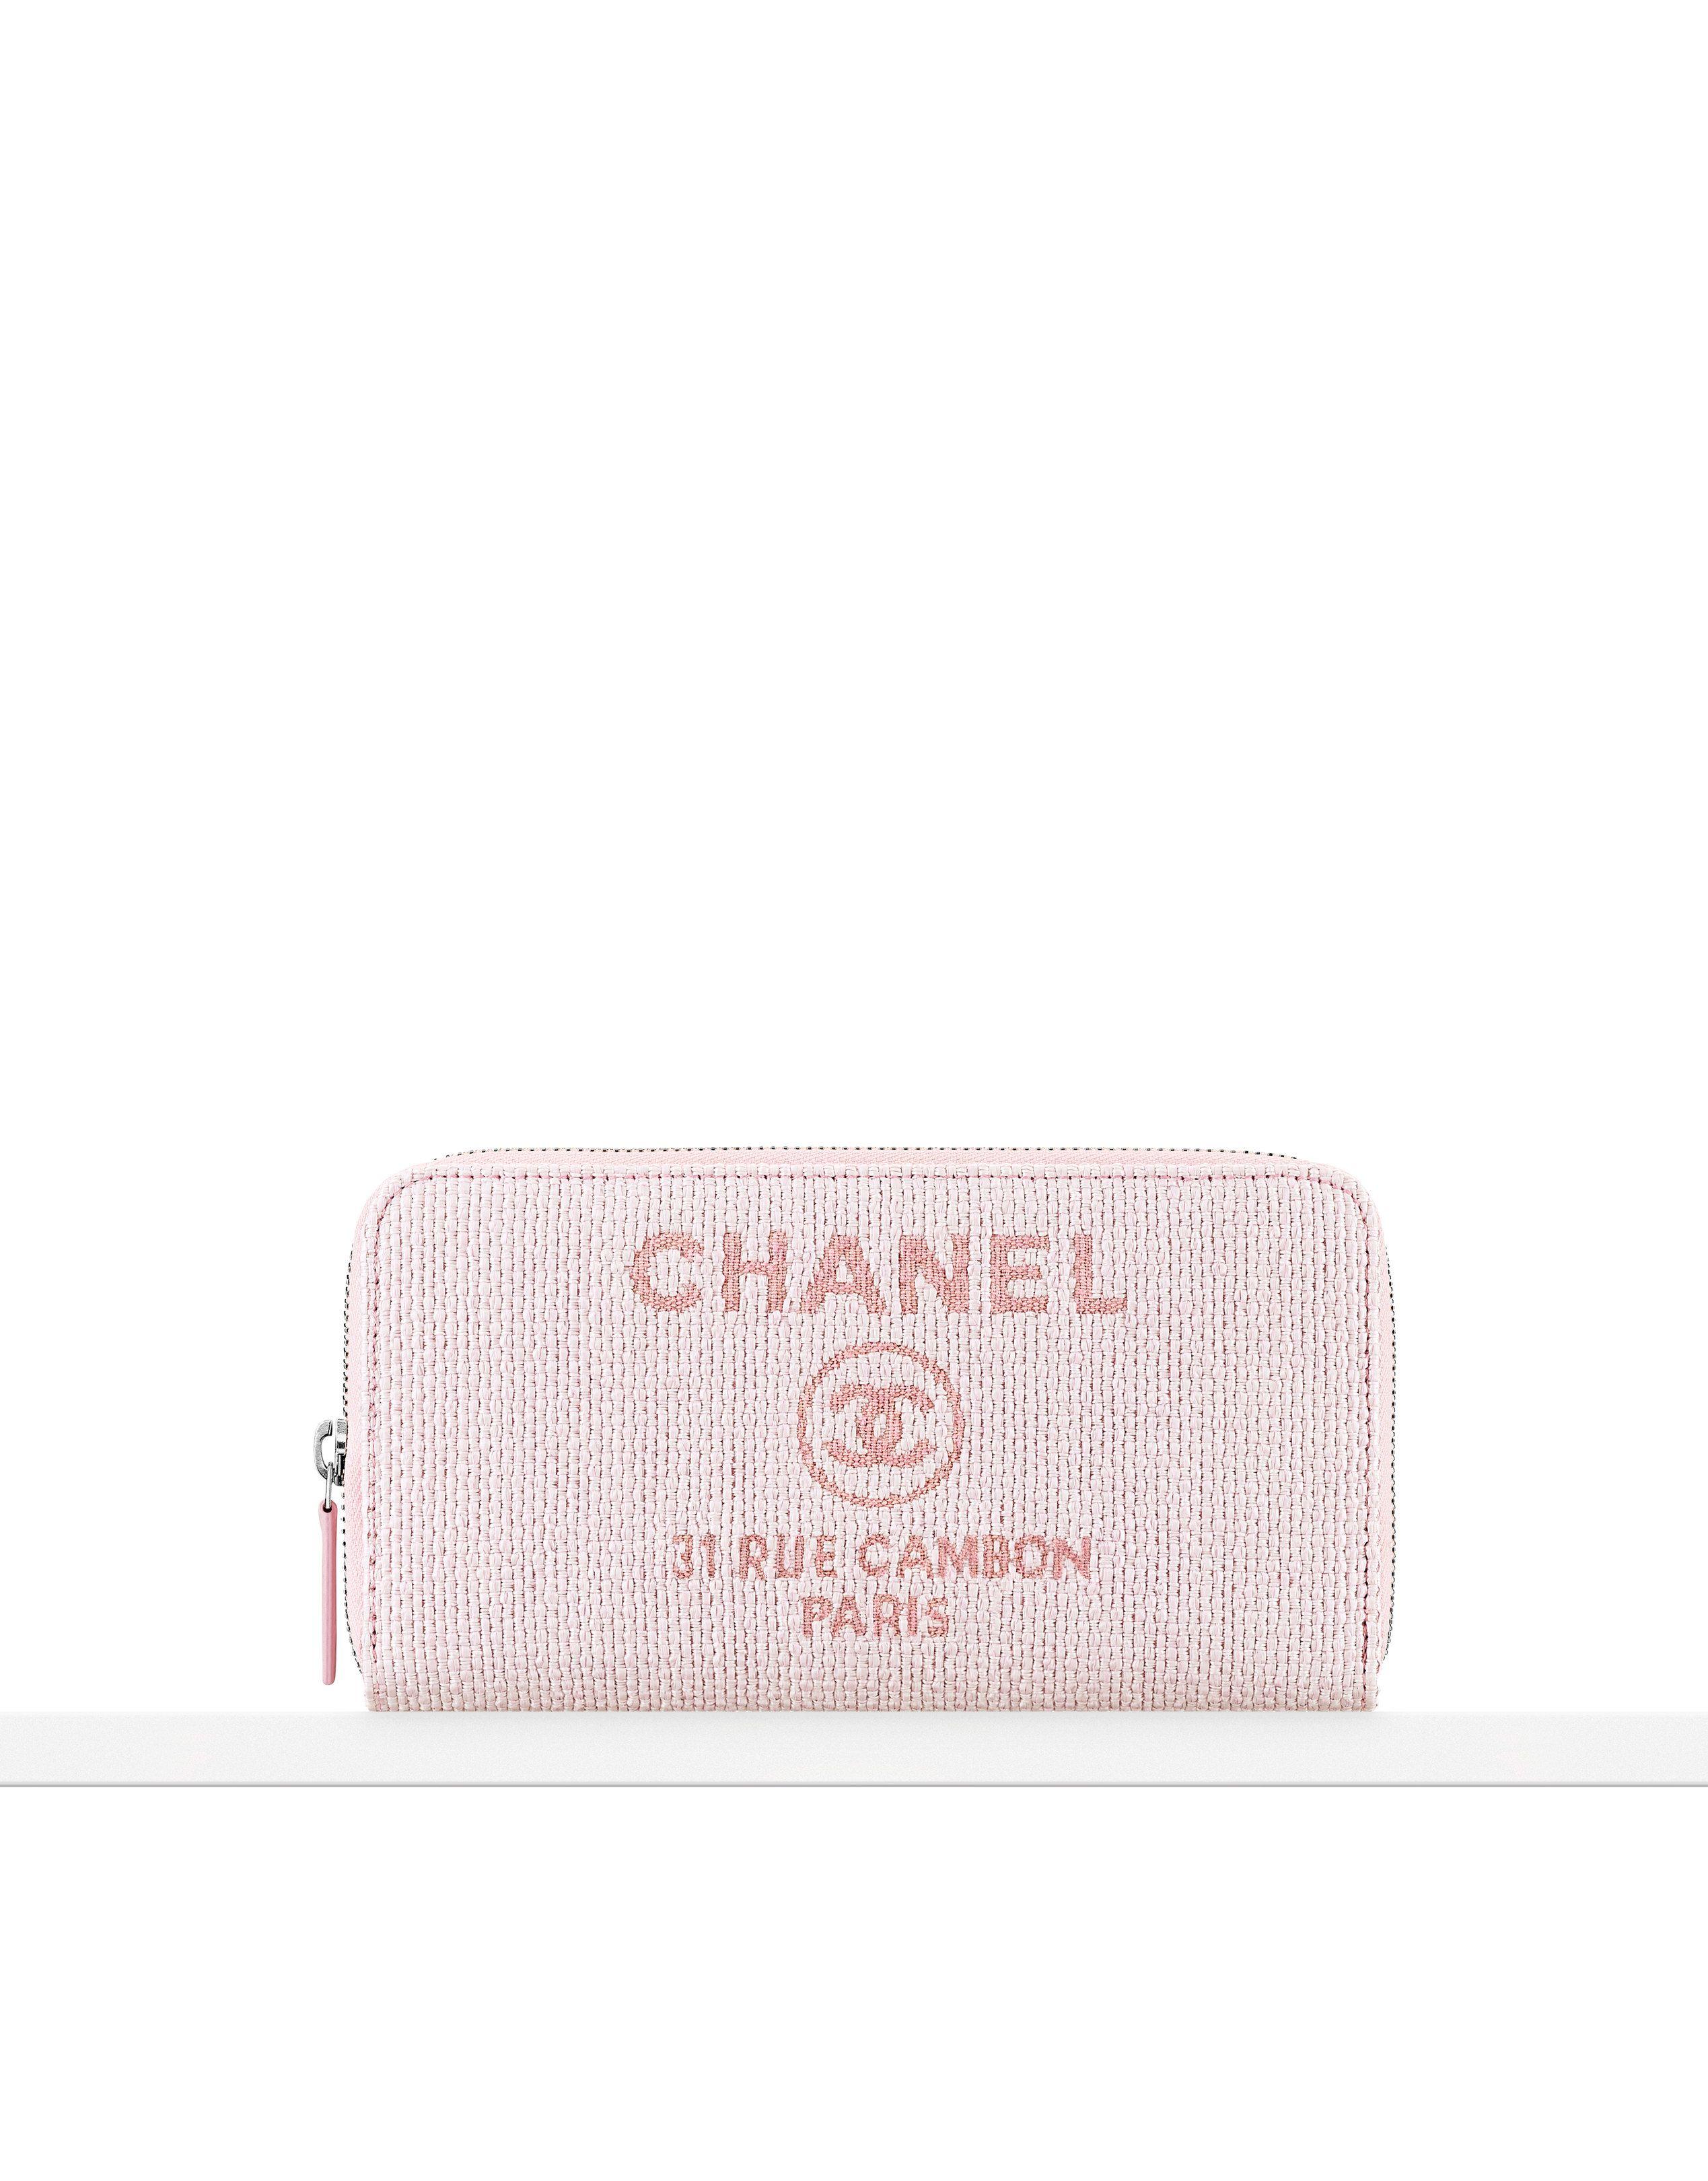 Portefeuille zippé en toile - CHANEL   sac rose   Pinterest   Petite ... 18da8d5c39b